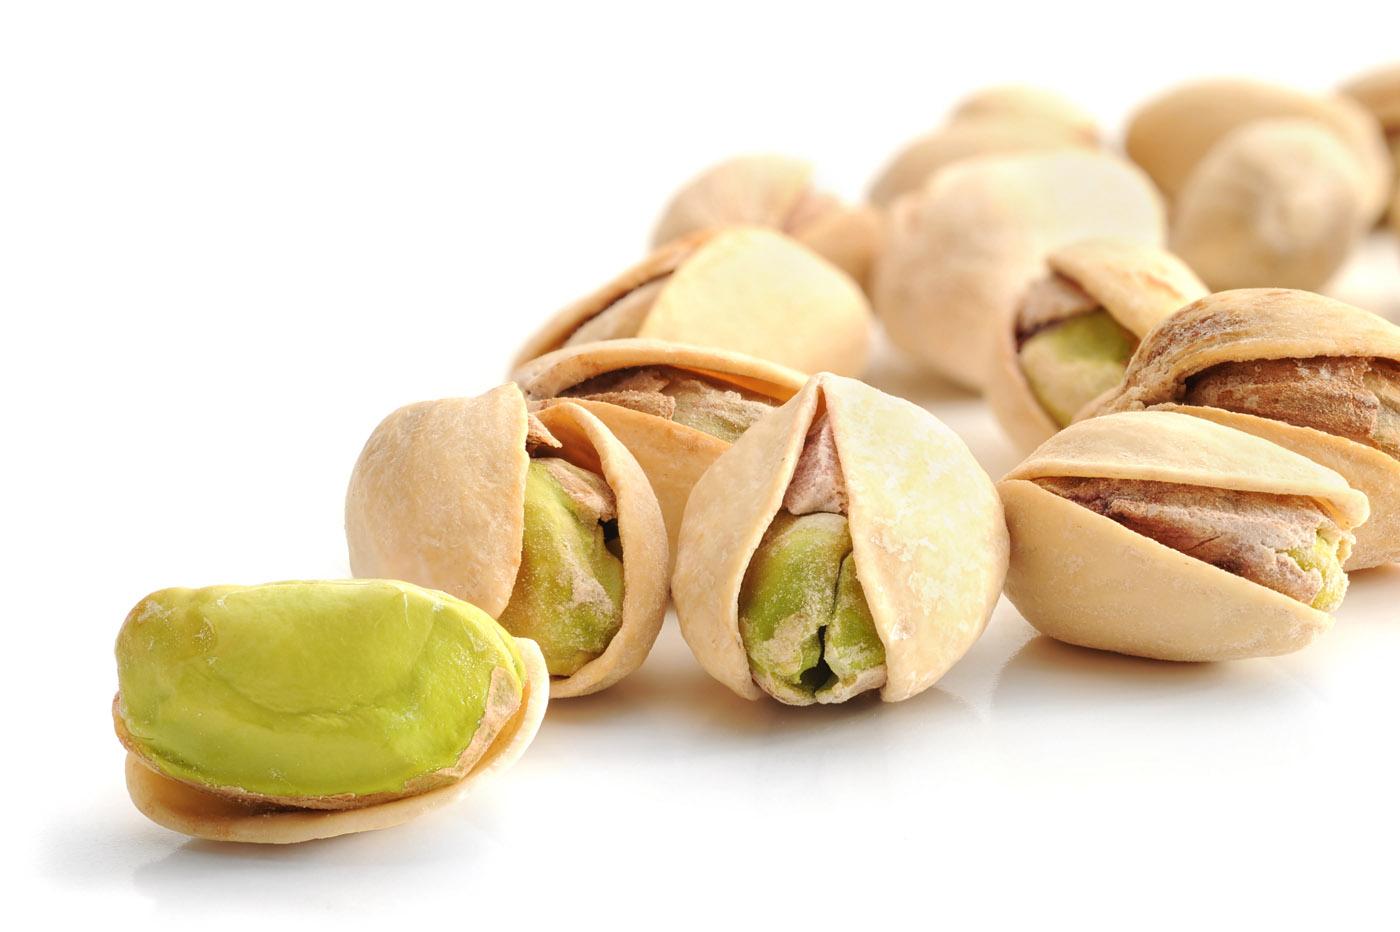 pistachio nuts Как растут настоящие орехи?